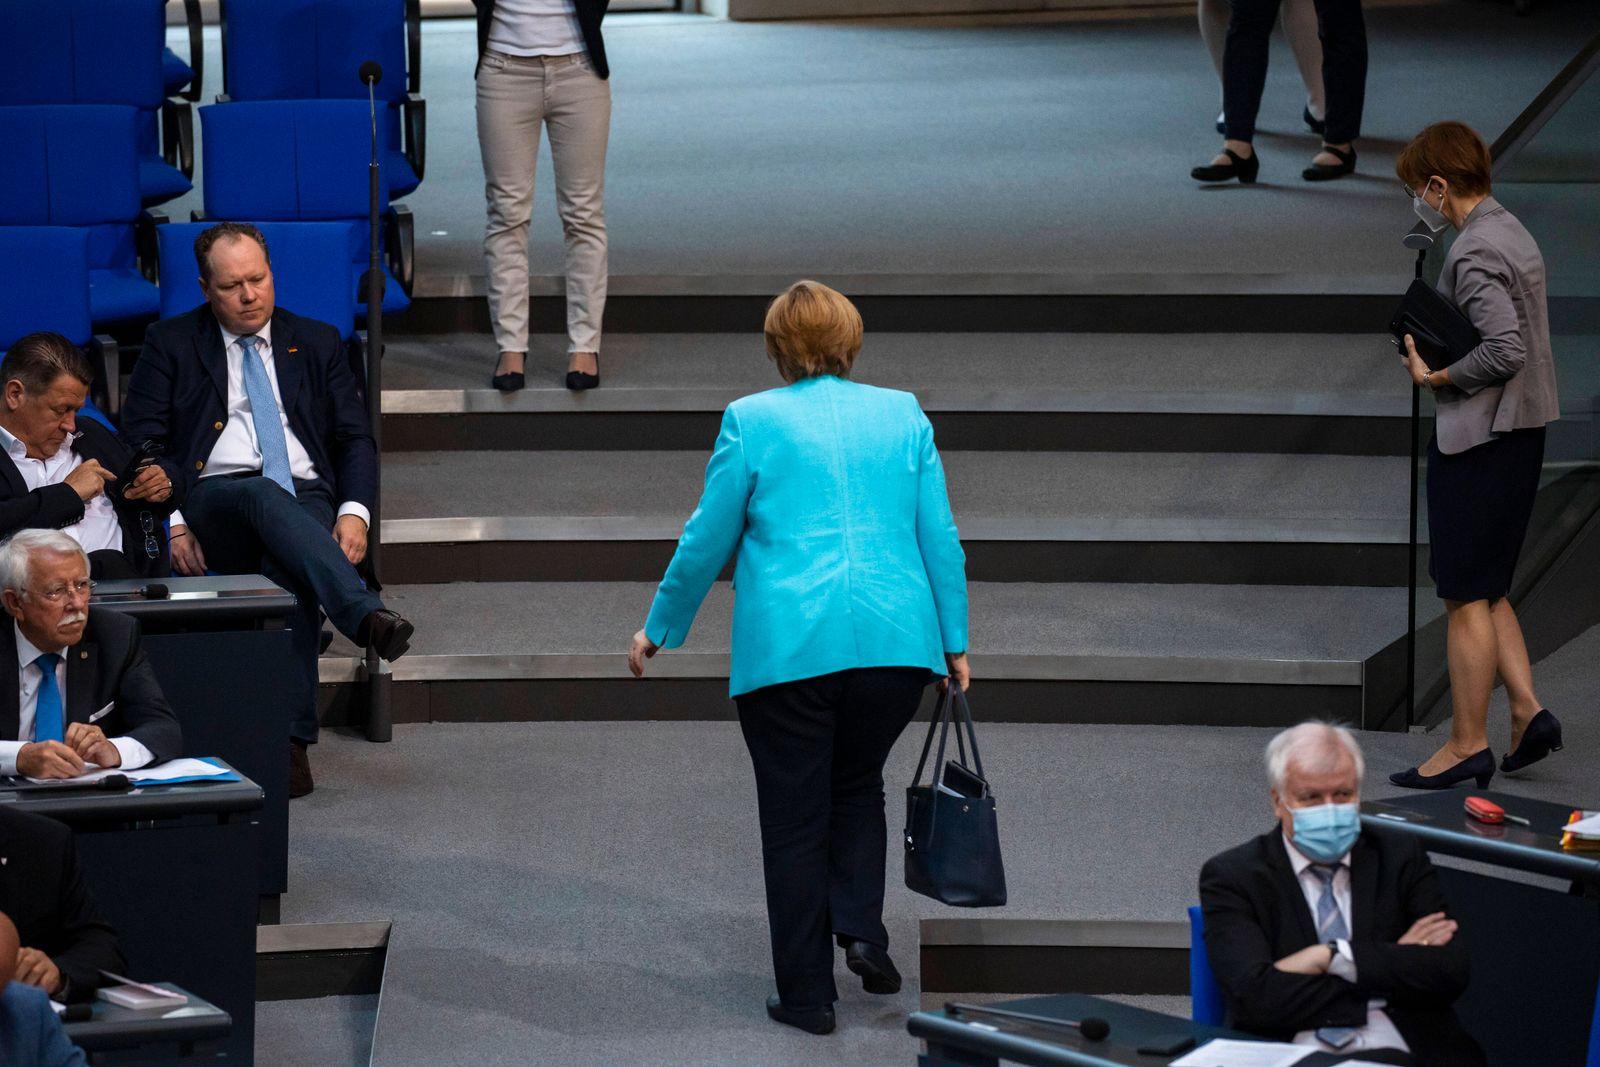 Bundeskanzlerin Angela Merkel verlaesst den Bundestag nach der vorerst letzten Regierungserklaerung der Legislaturperio